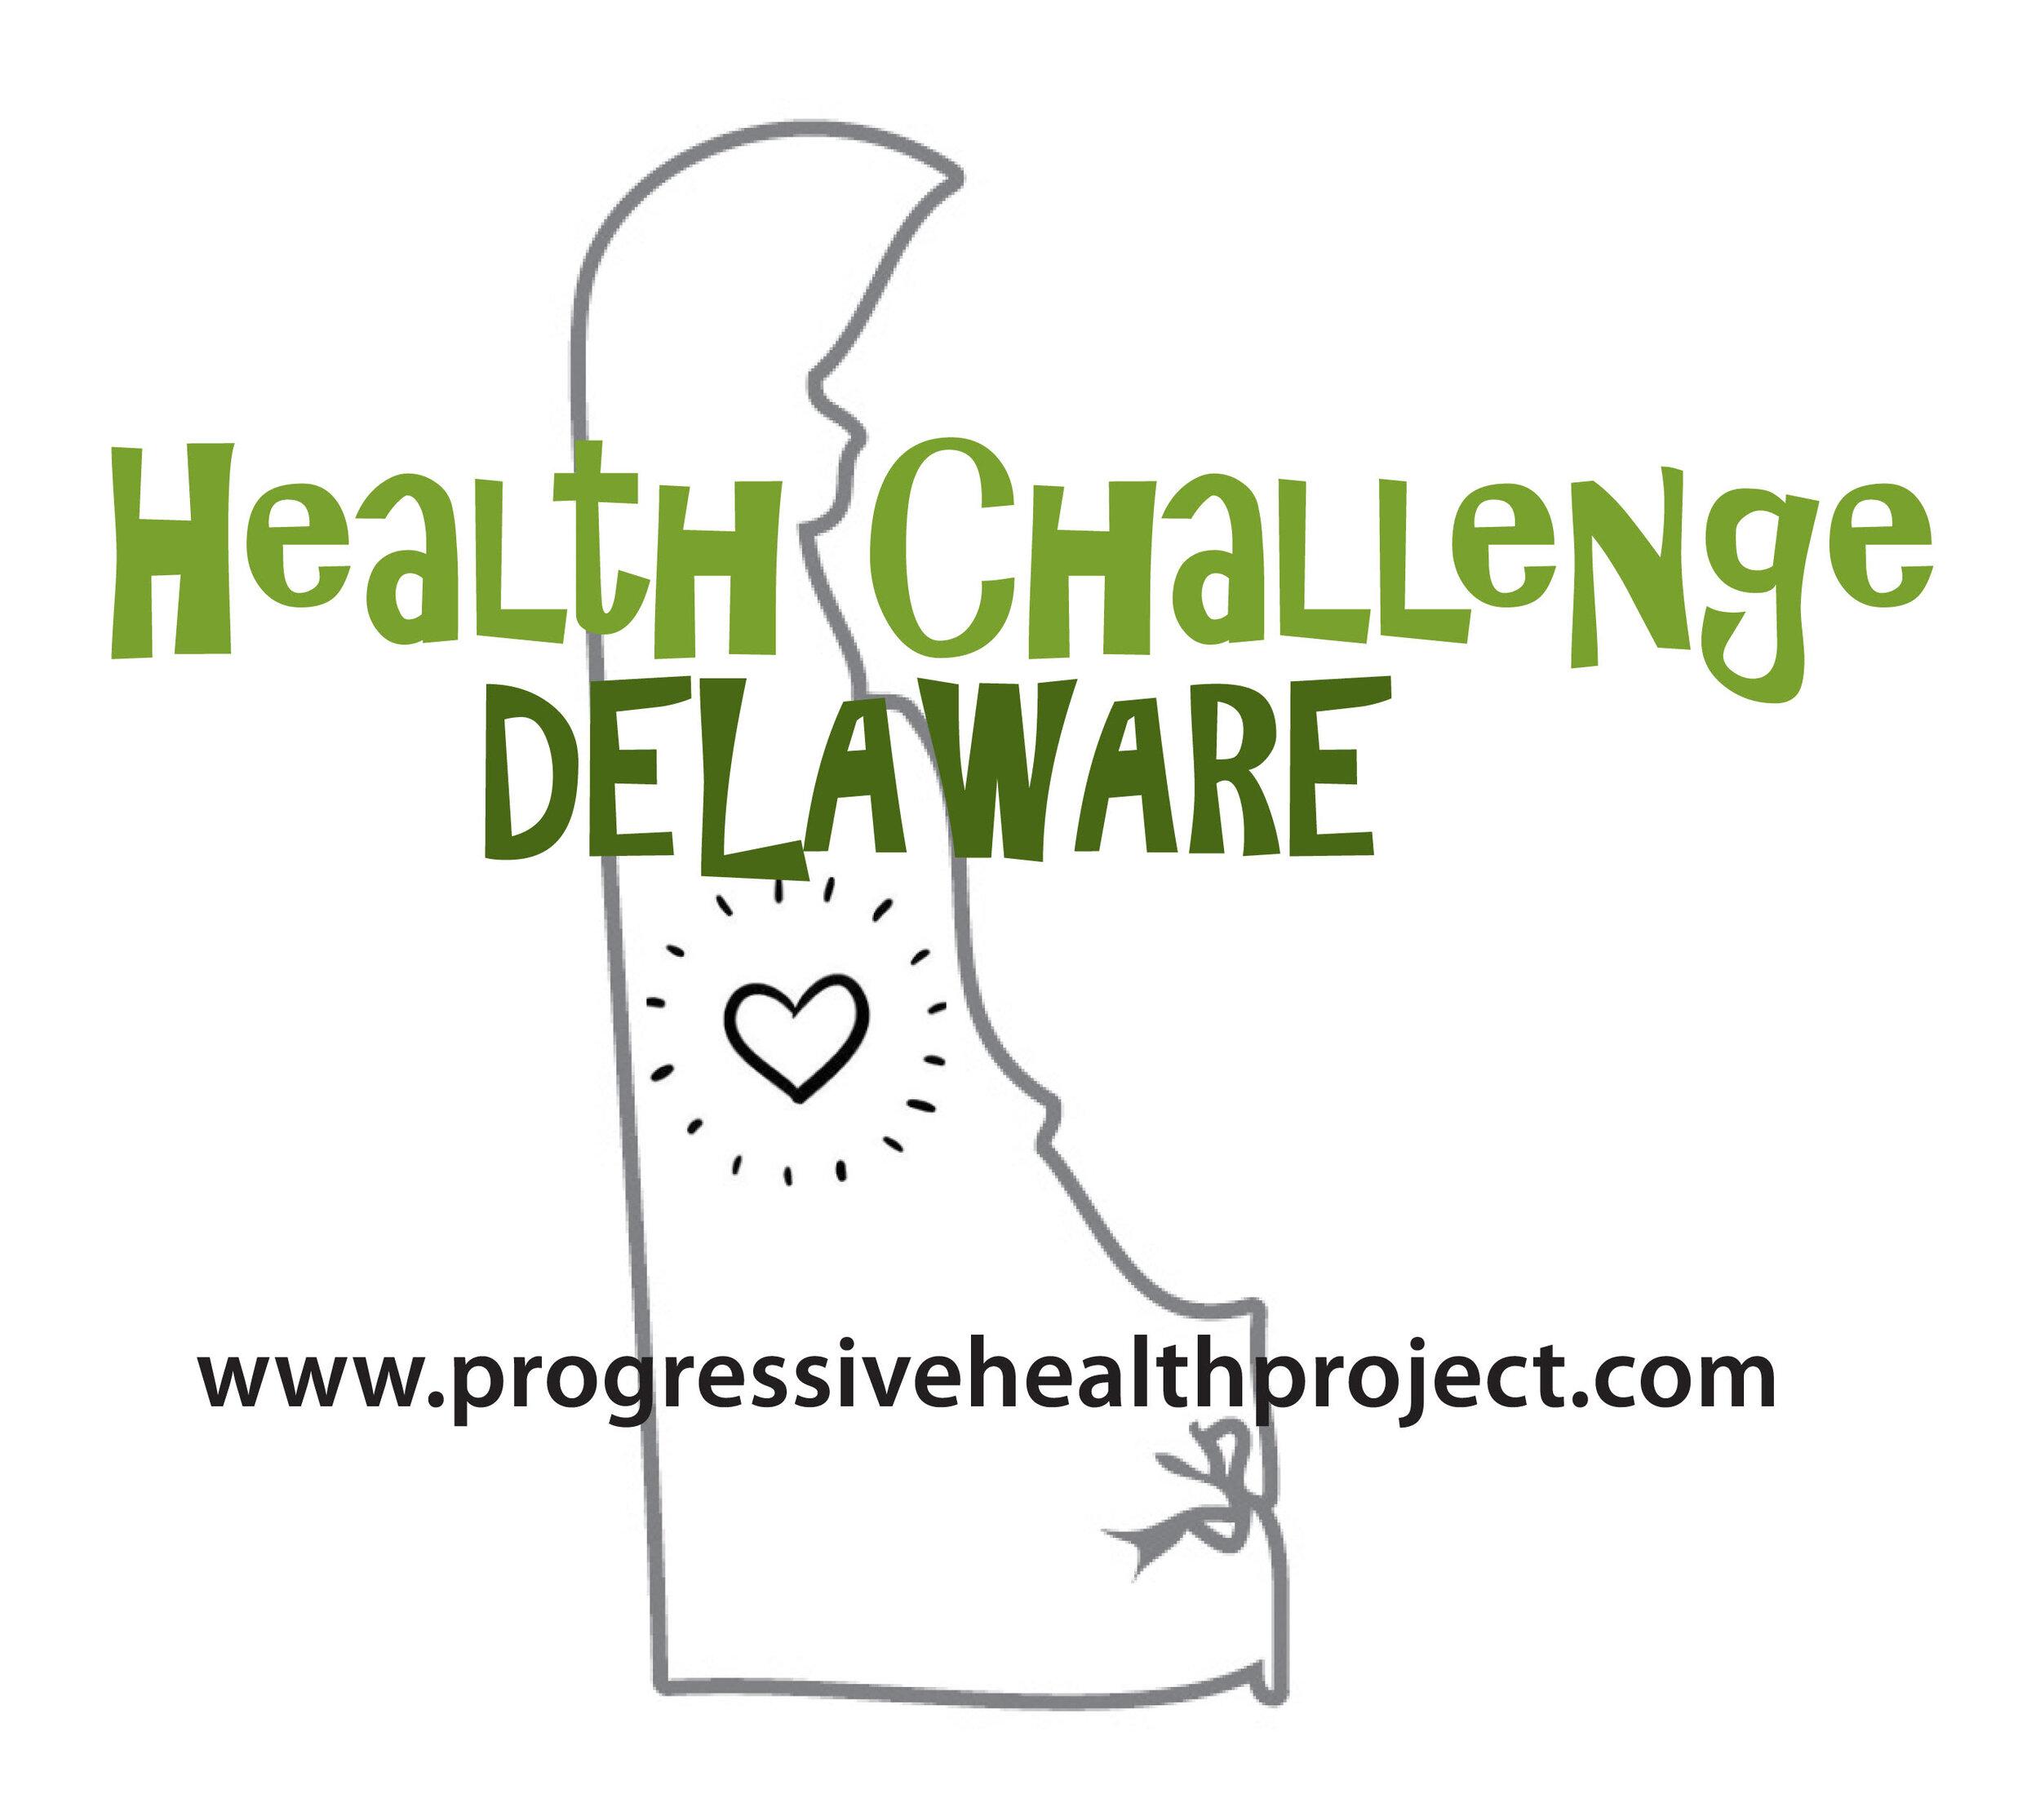 Health Challenge Delaware logo - Jay Webster (1).jpg